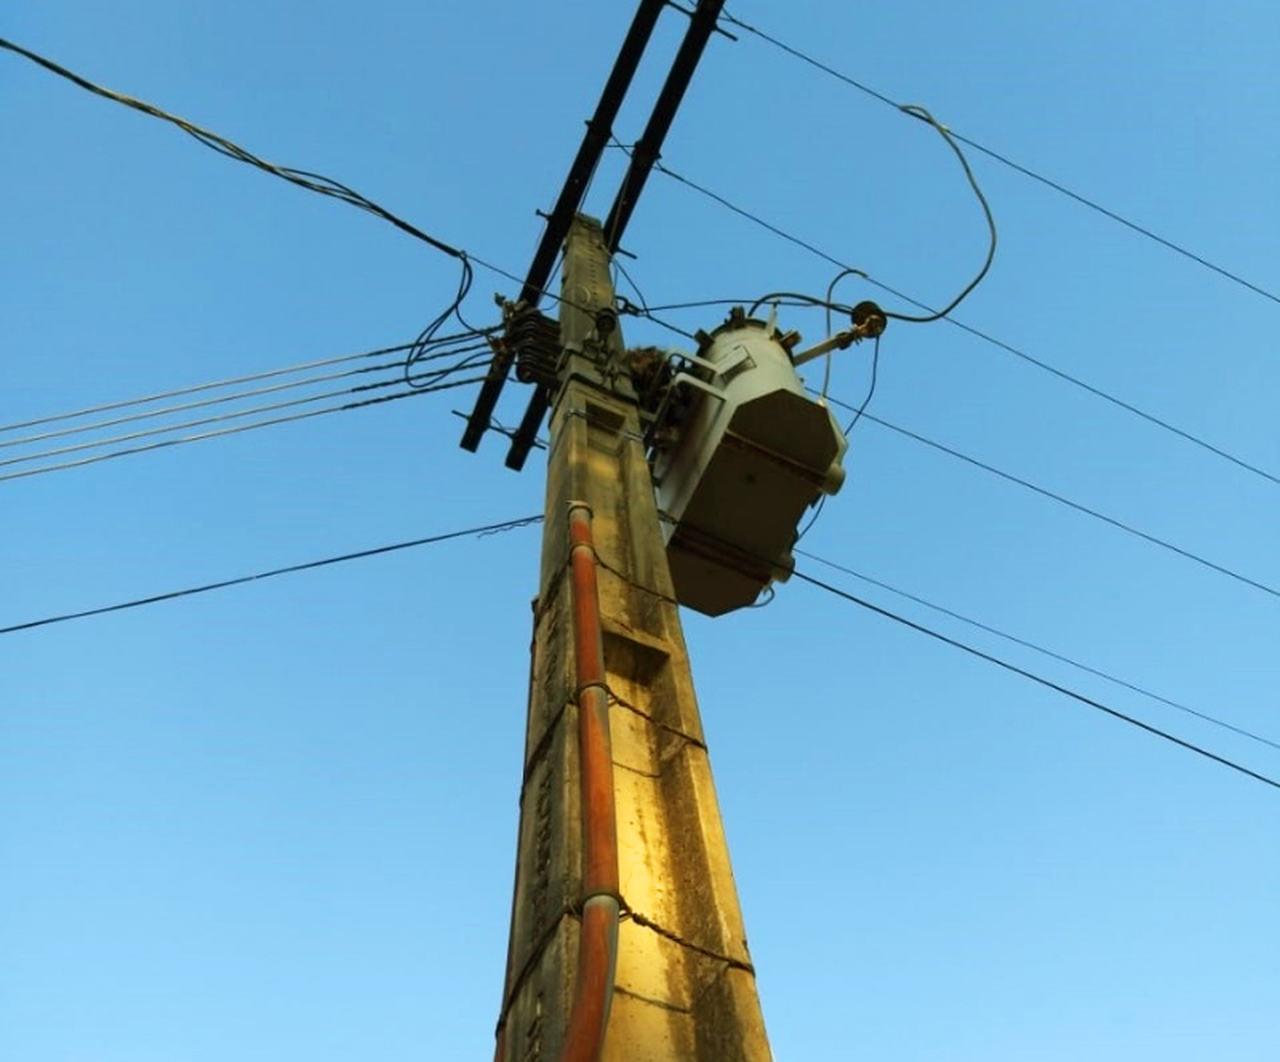 Previsão de normalização do fornecimento de água é apenas para a noite desta quarta, 11, após pelo furto de fios e cabos em 3 poços do Sistema Independência Mansões | Foto: Divulgação / Saneago